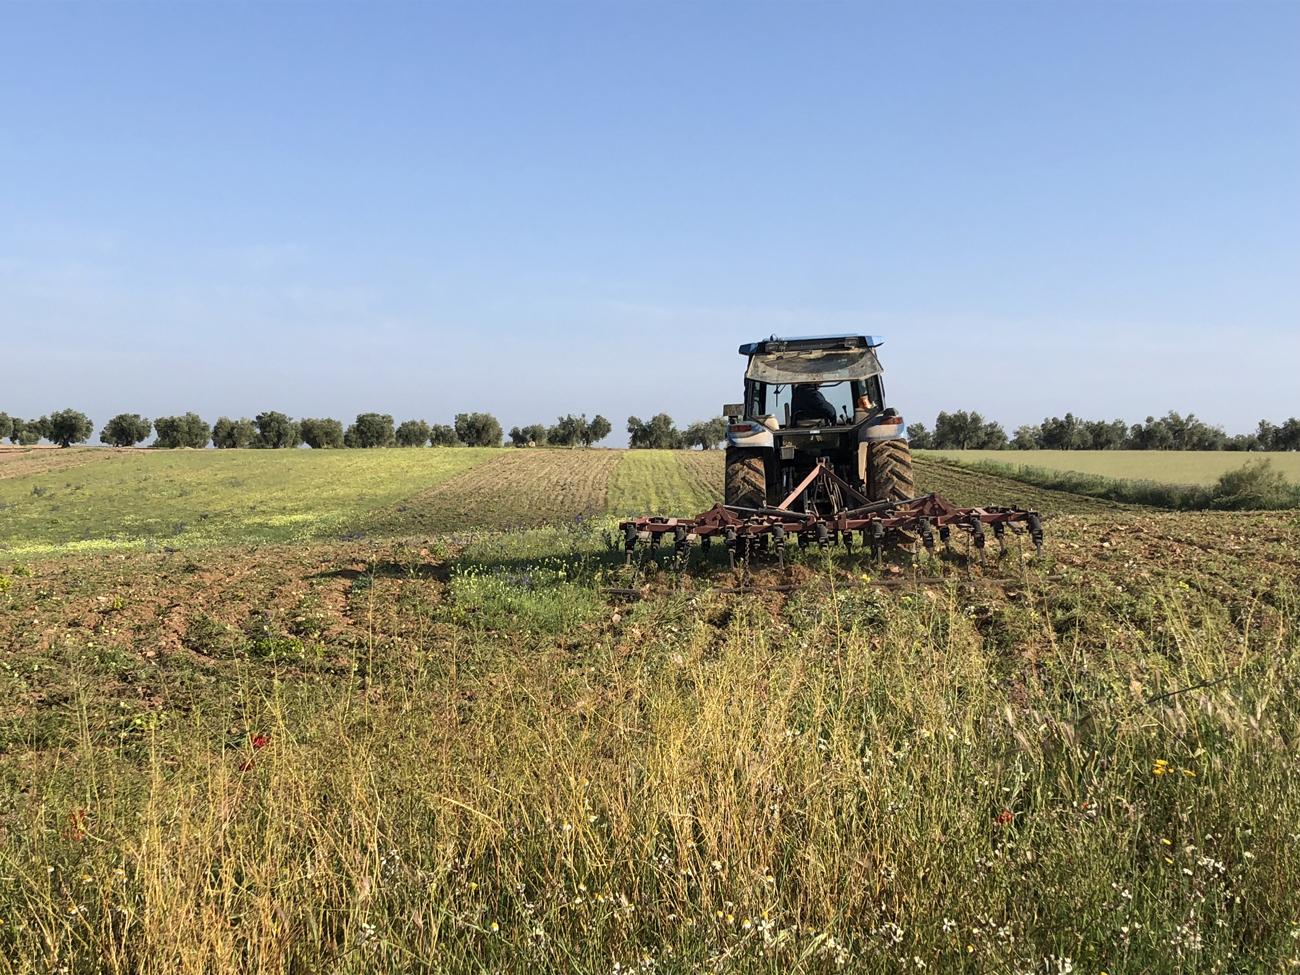 La conservación de la biodiversidad es esencial para la sostenibilidad del sector agroalimentario